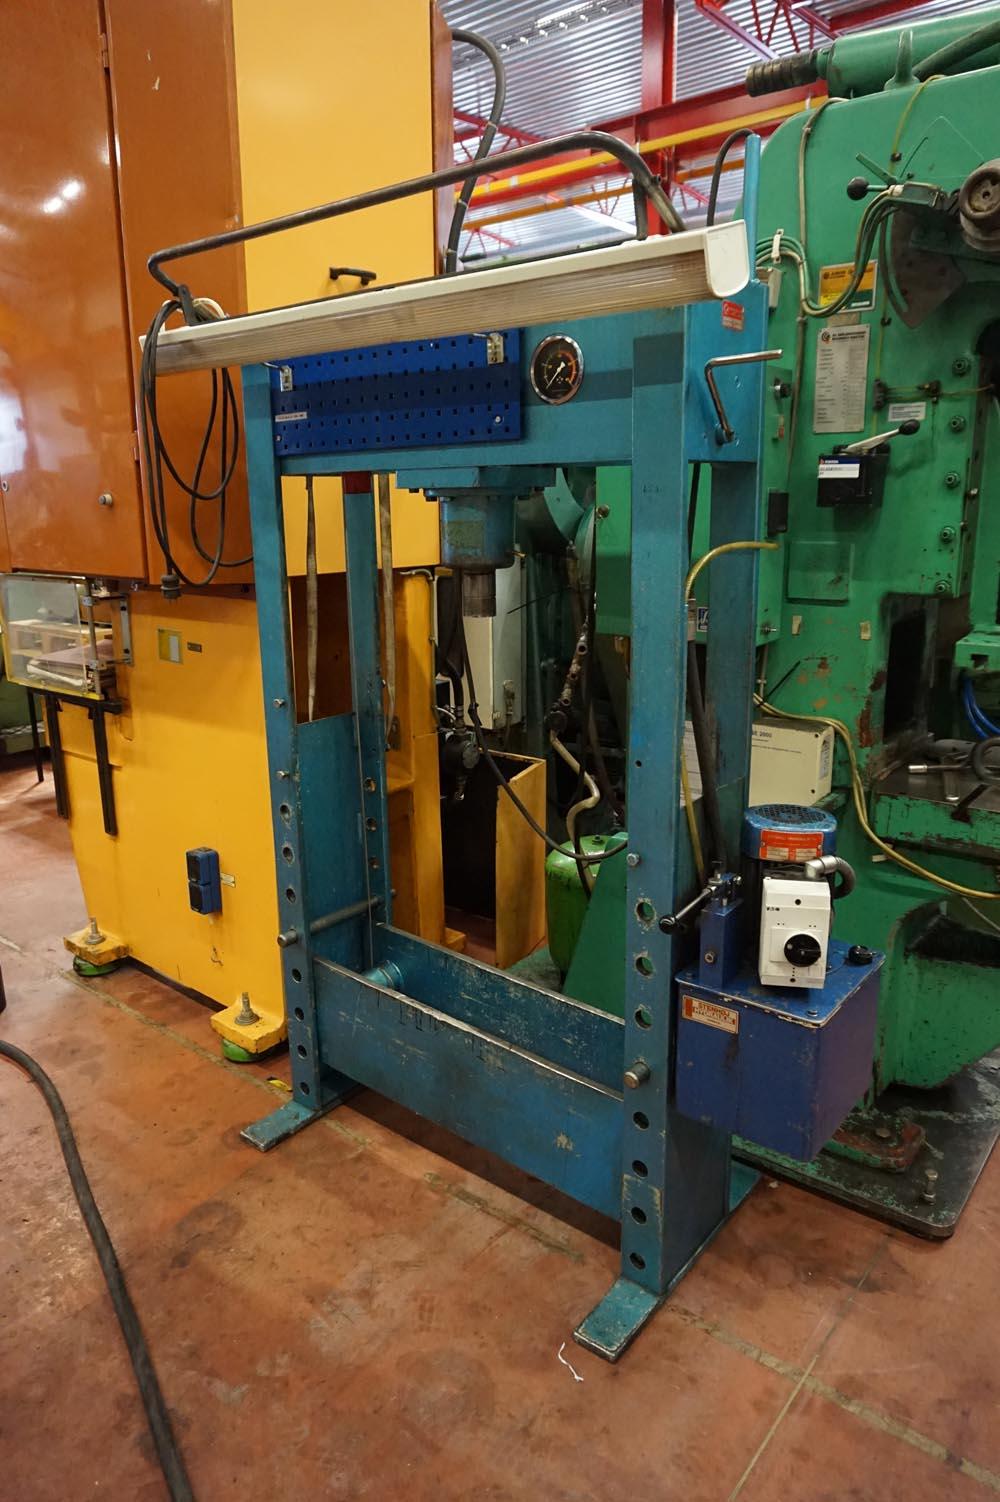 Workshop press Stenhoj 40T - Hydraulic presses - Presses